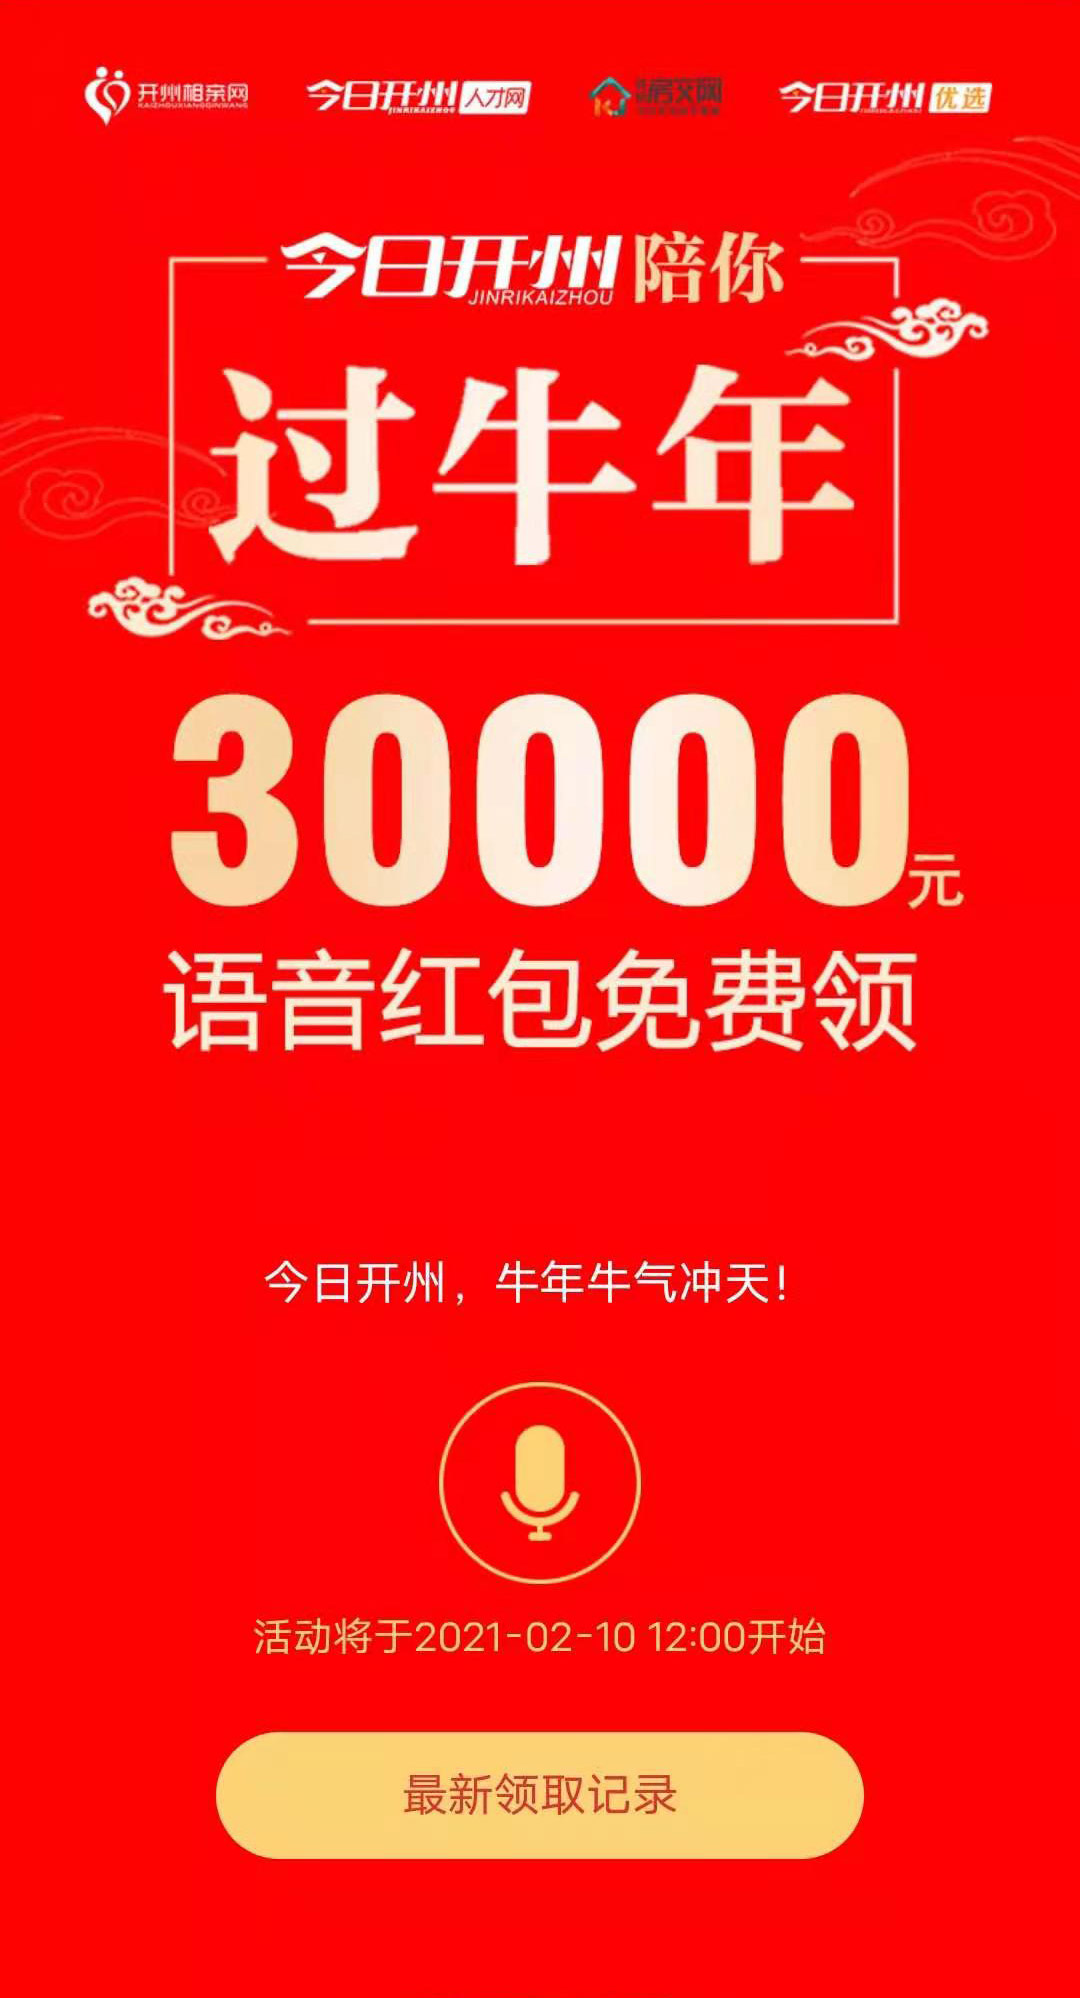 新年红包雨!今日开州新年送红包30000元,新年祝福喊出来!